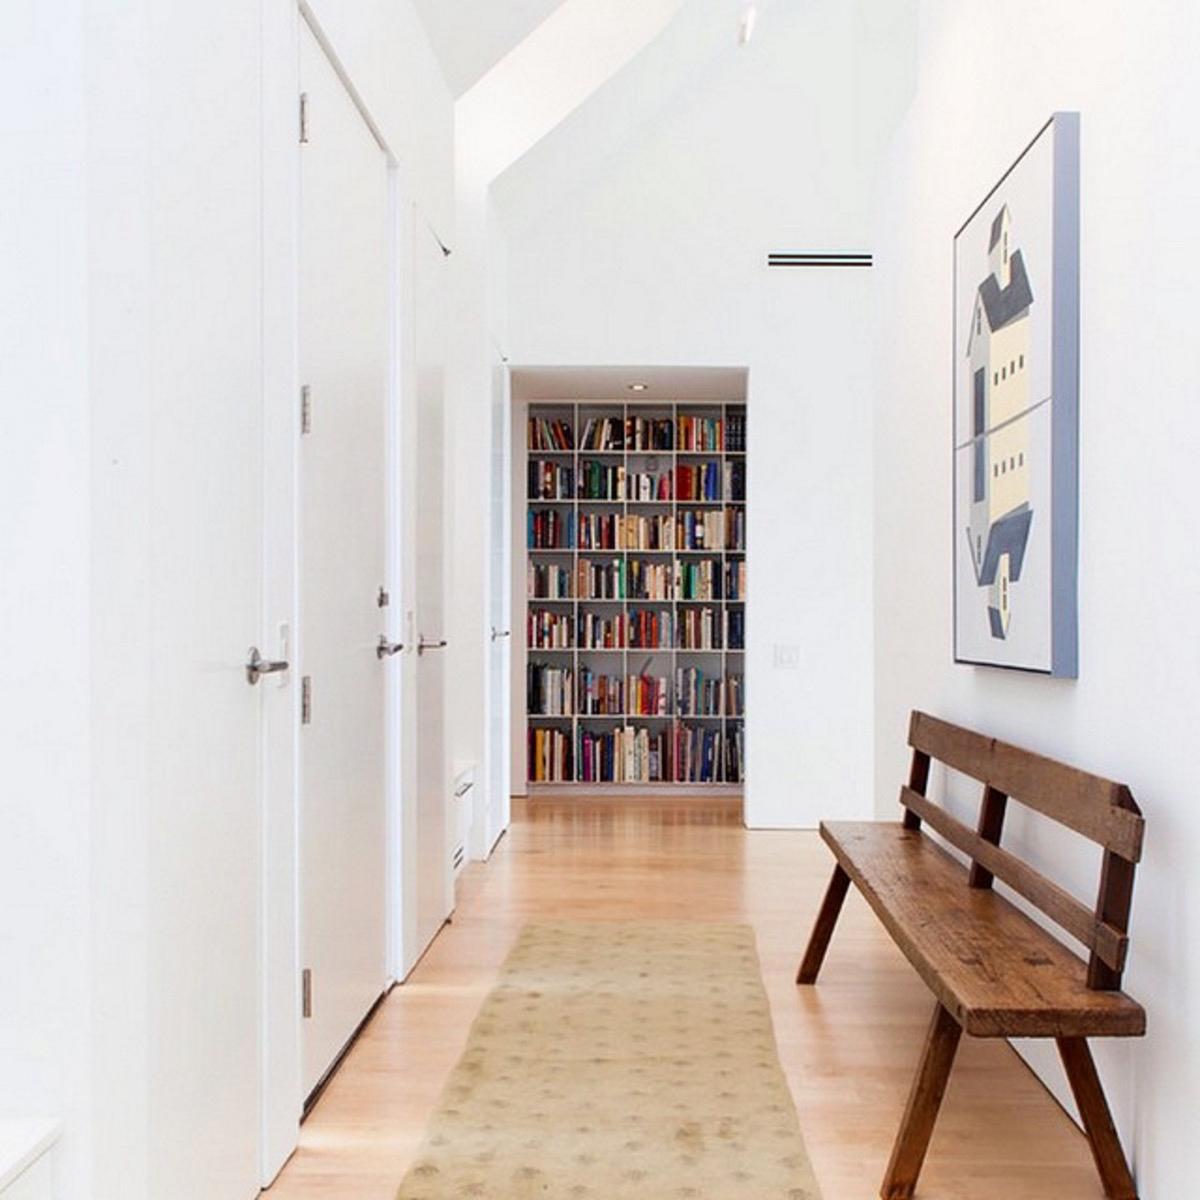 interiordesign marvellous